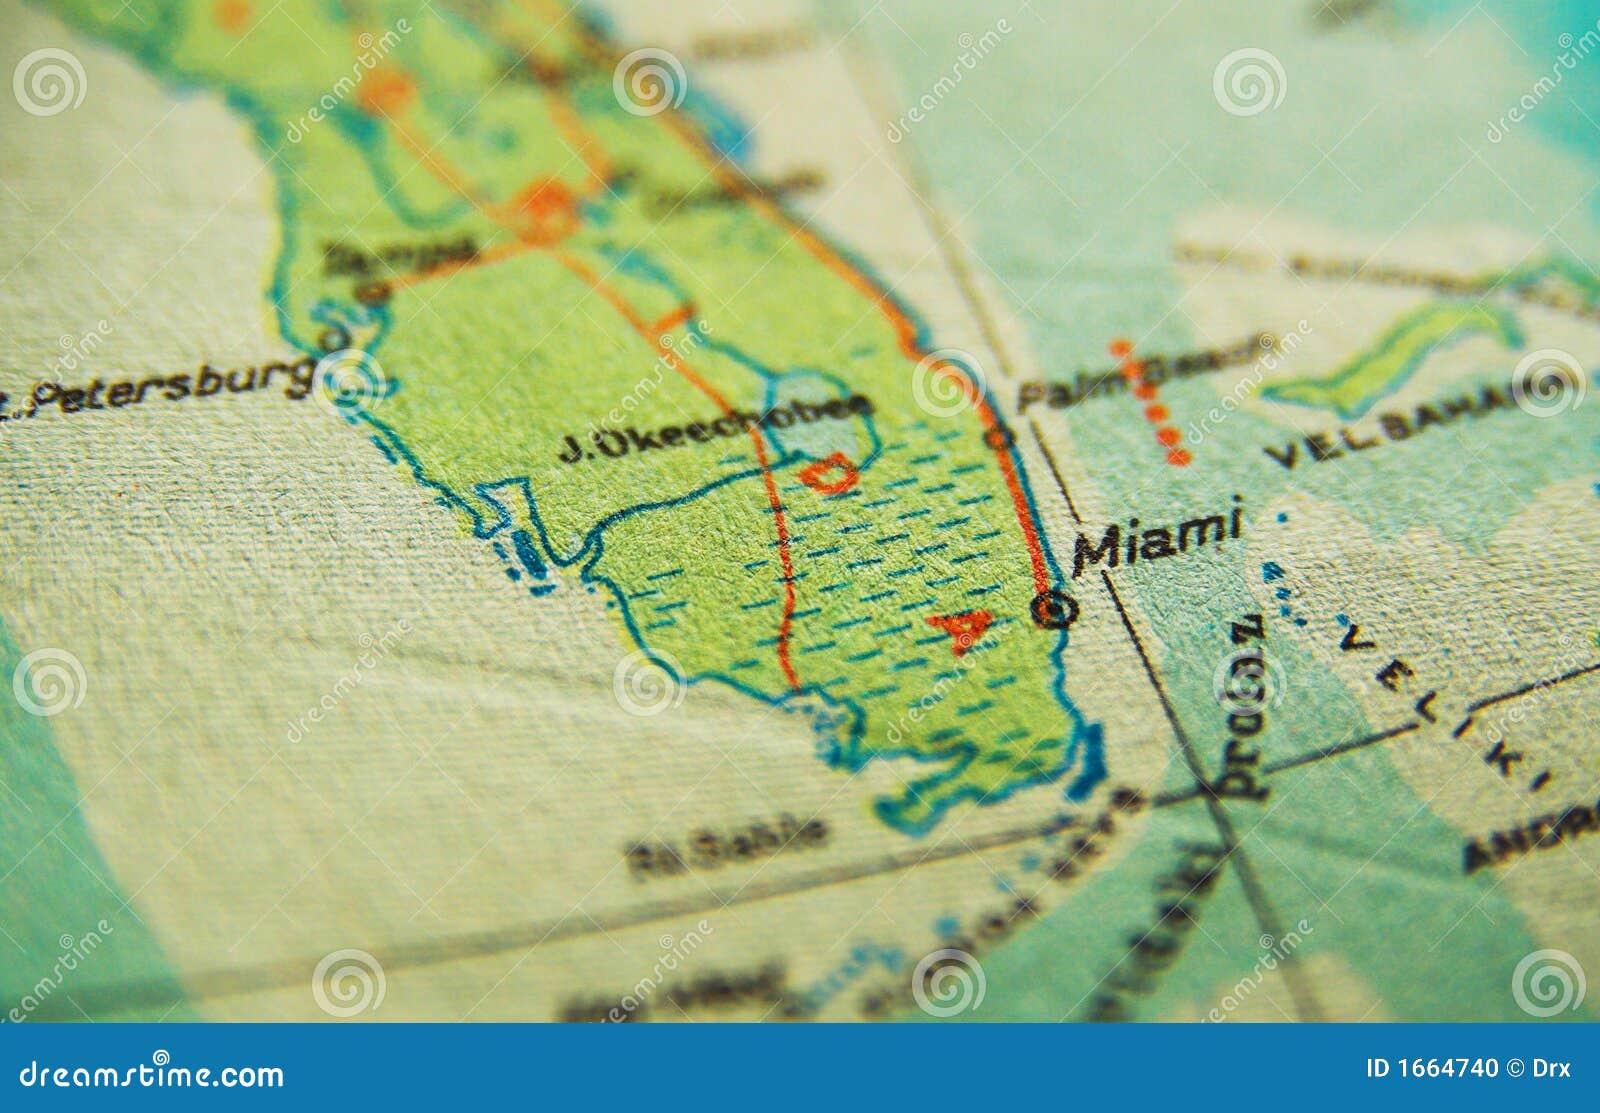 Miami Florida Map Stock Photo Image Of Town Ocean States 1664740